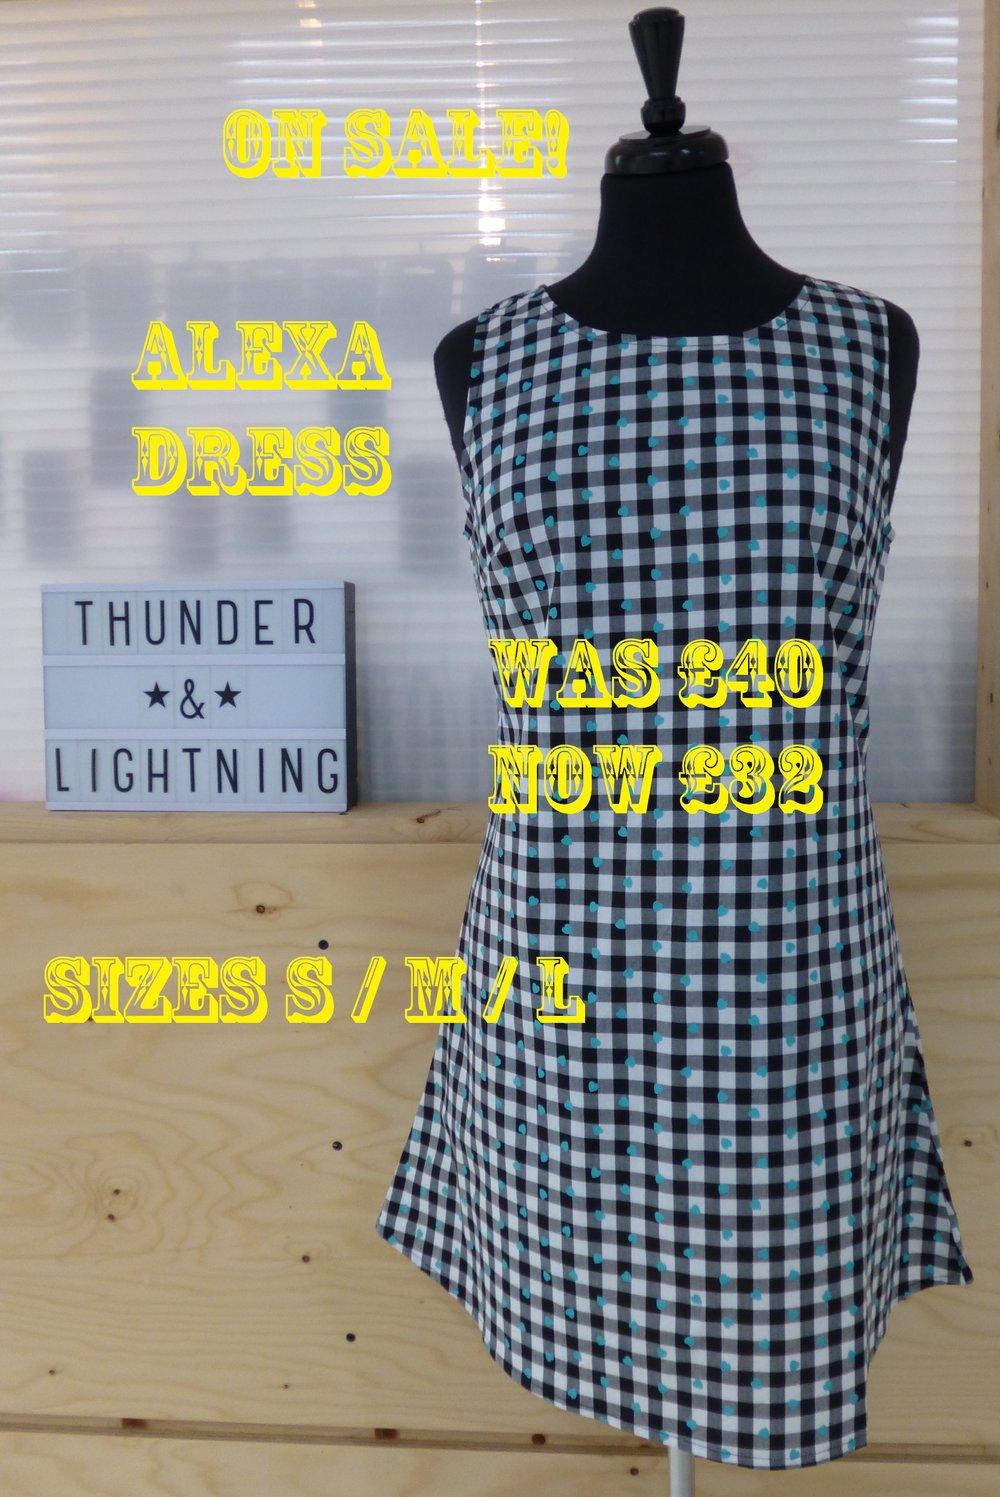 ALEXA DRESS.jpg